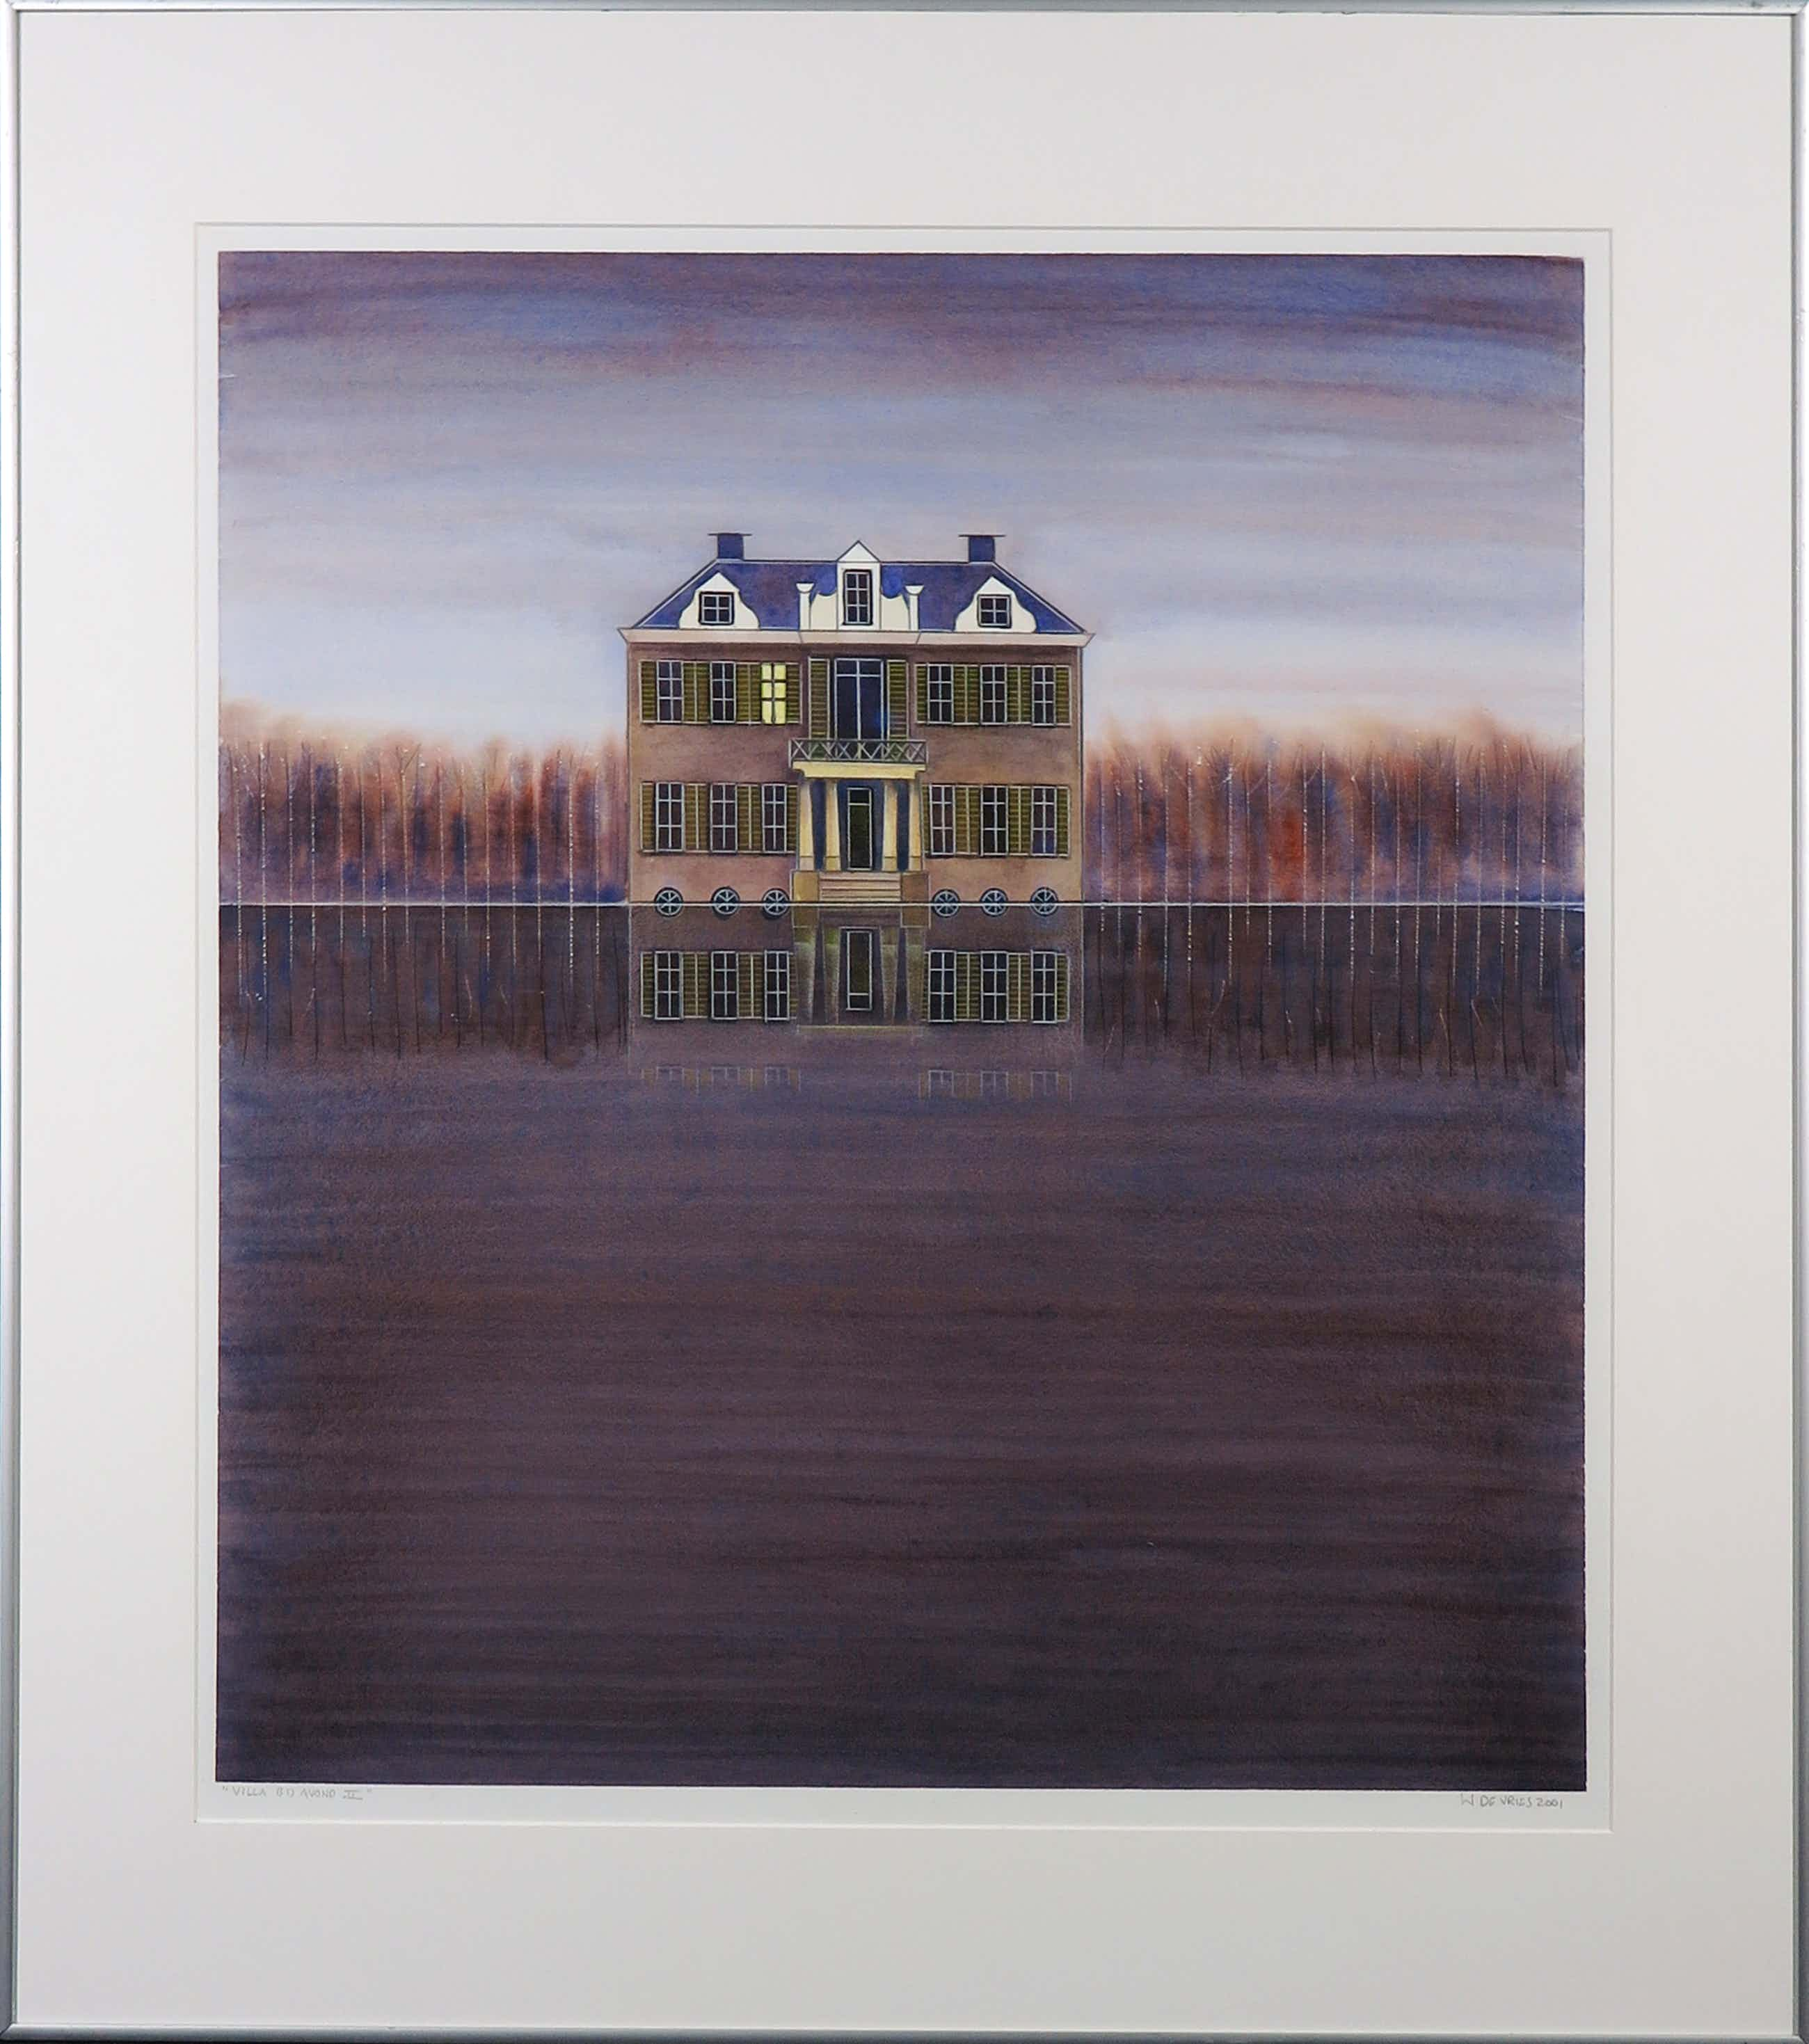 Willem de Vries - Aquarel, Villa bij avond II - Ingelijst kopen? Bied vanaf 65!